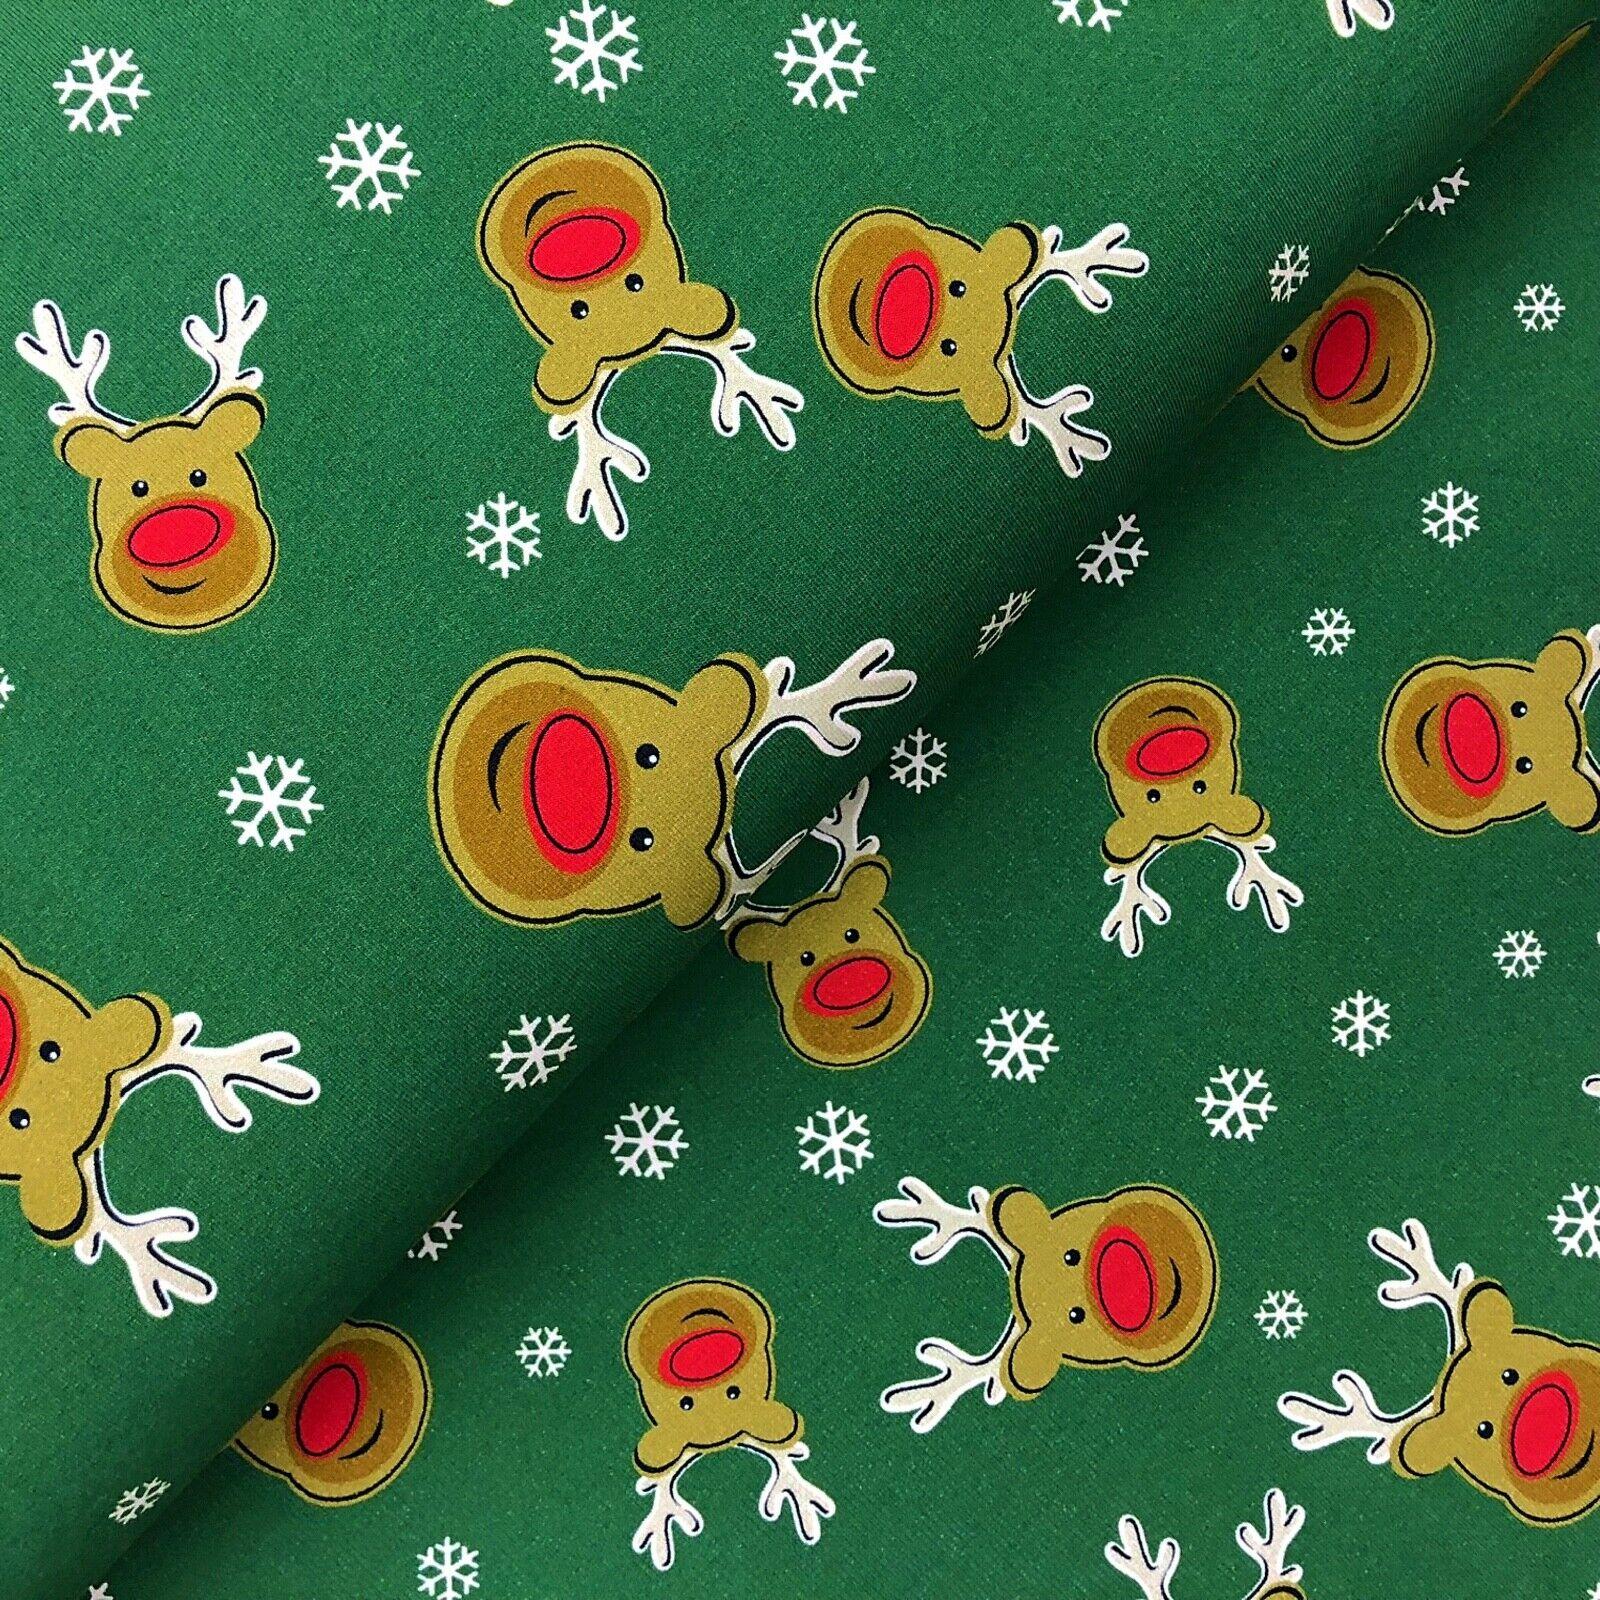 Weihnachts Stoffe Jersey & Baumwolle & Sweat / 28 Motive Meterware Weihnachten Sweat Rentiere grün